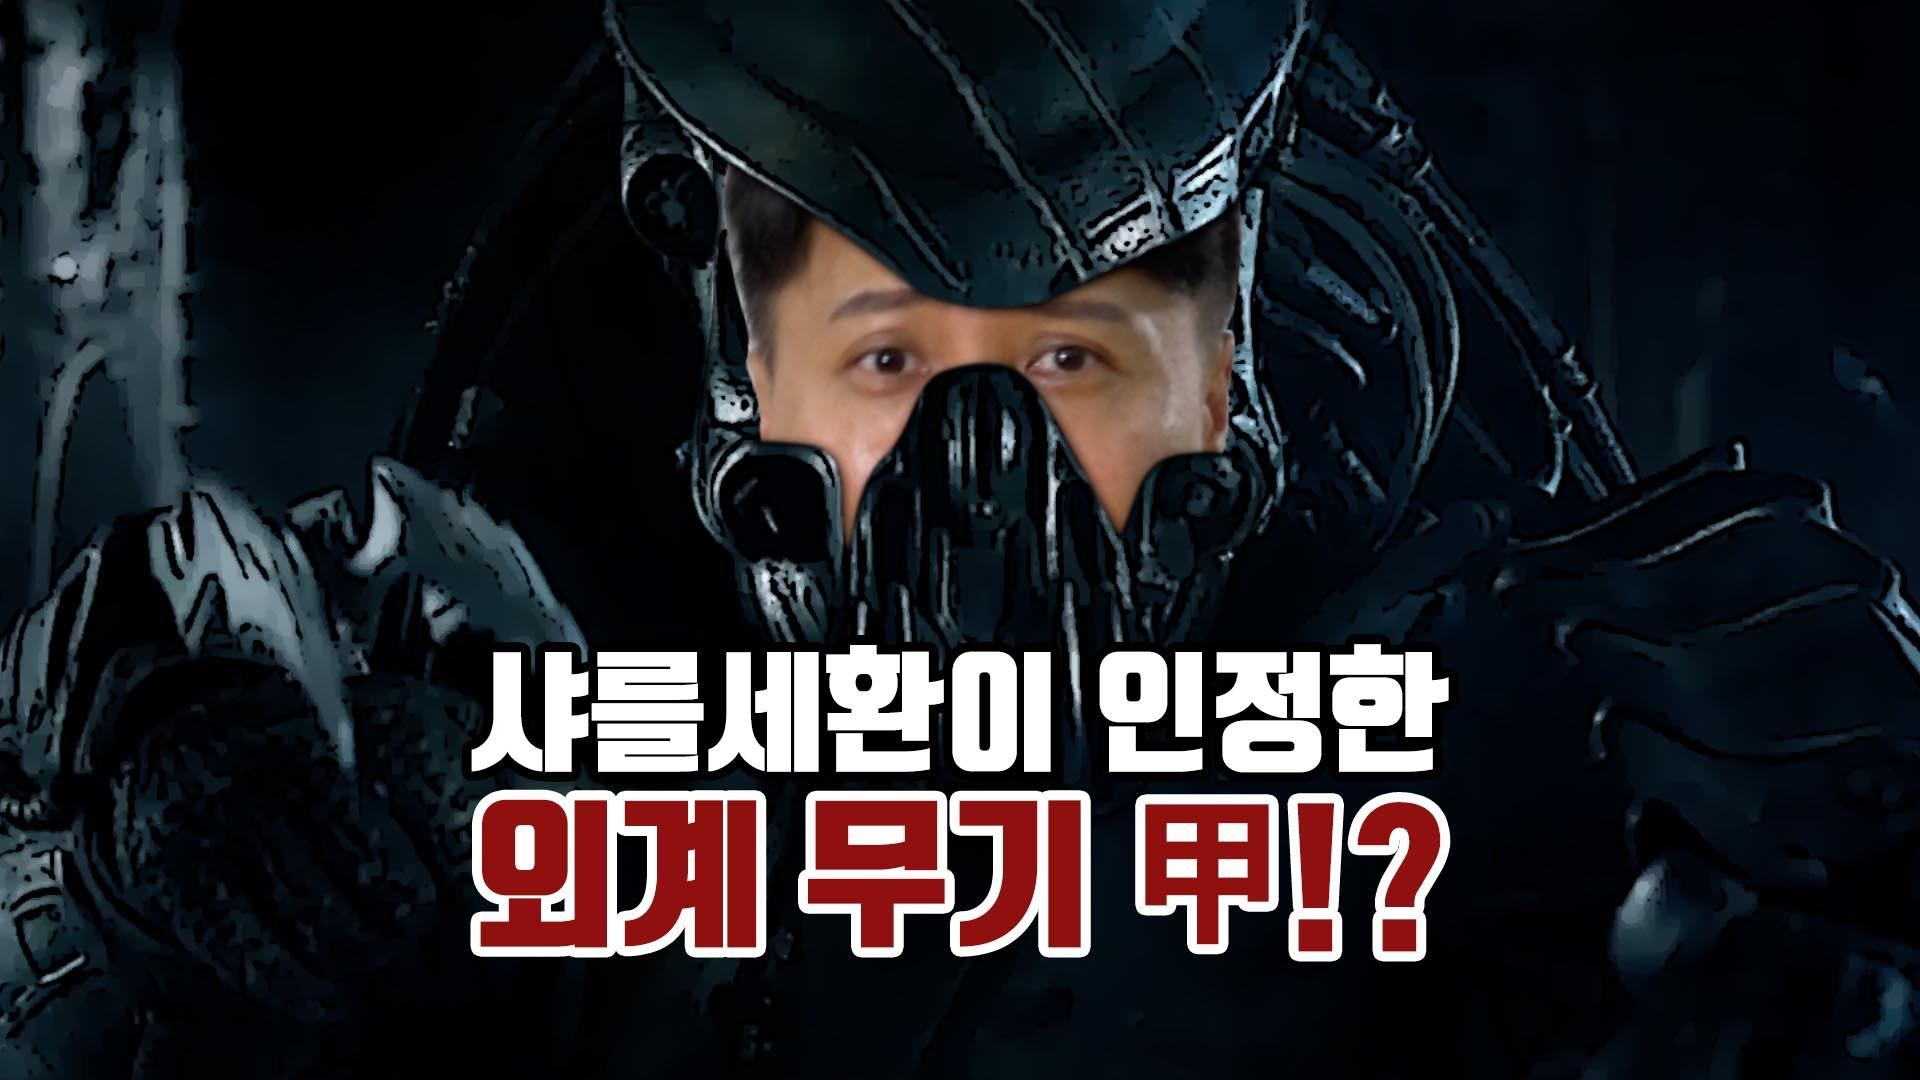 [순삭밀톡]씨네마웨폰★샤를세환